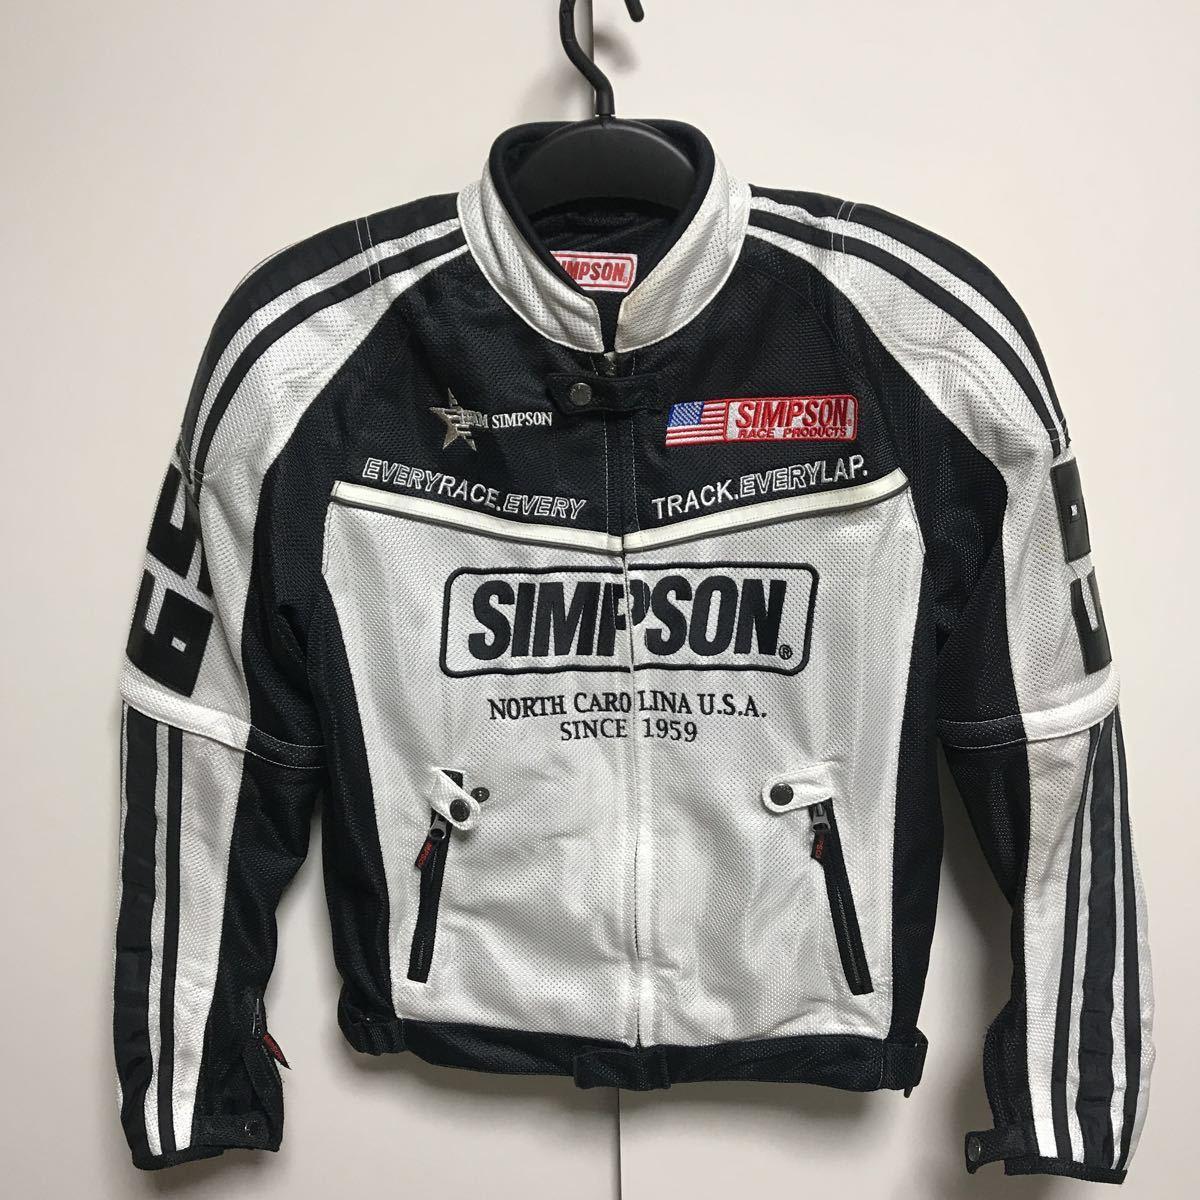 シンプソン(SIMPSON)  半袖切り替え 春夏 メッシュジャケット(メンズ) ライダースジャケット バイクウエア サイズM 中古